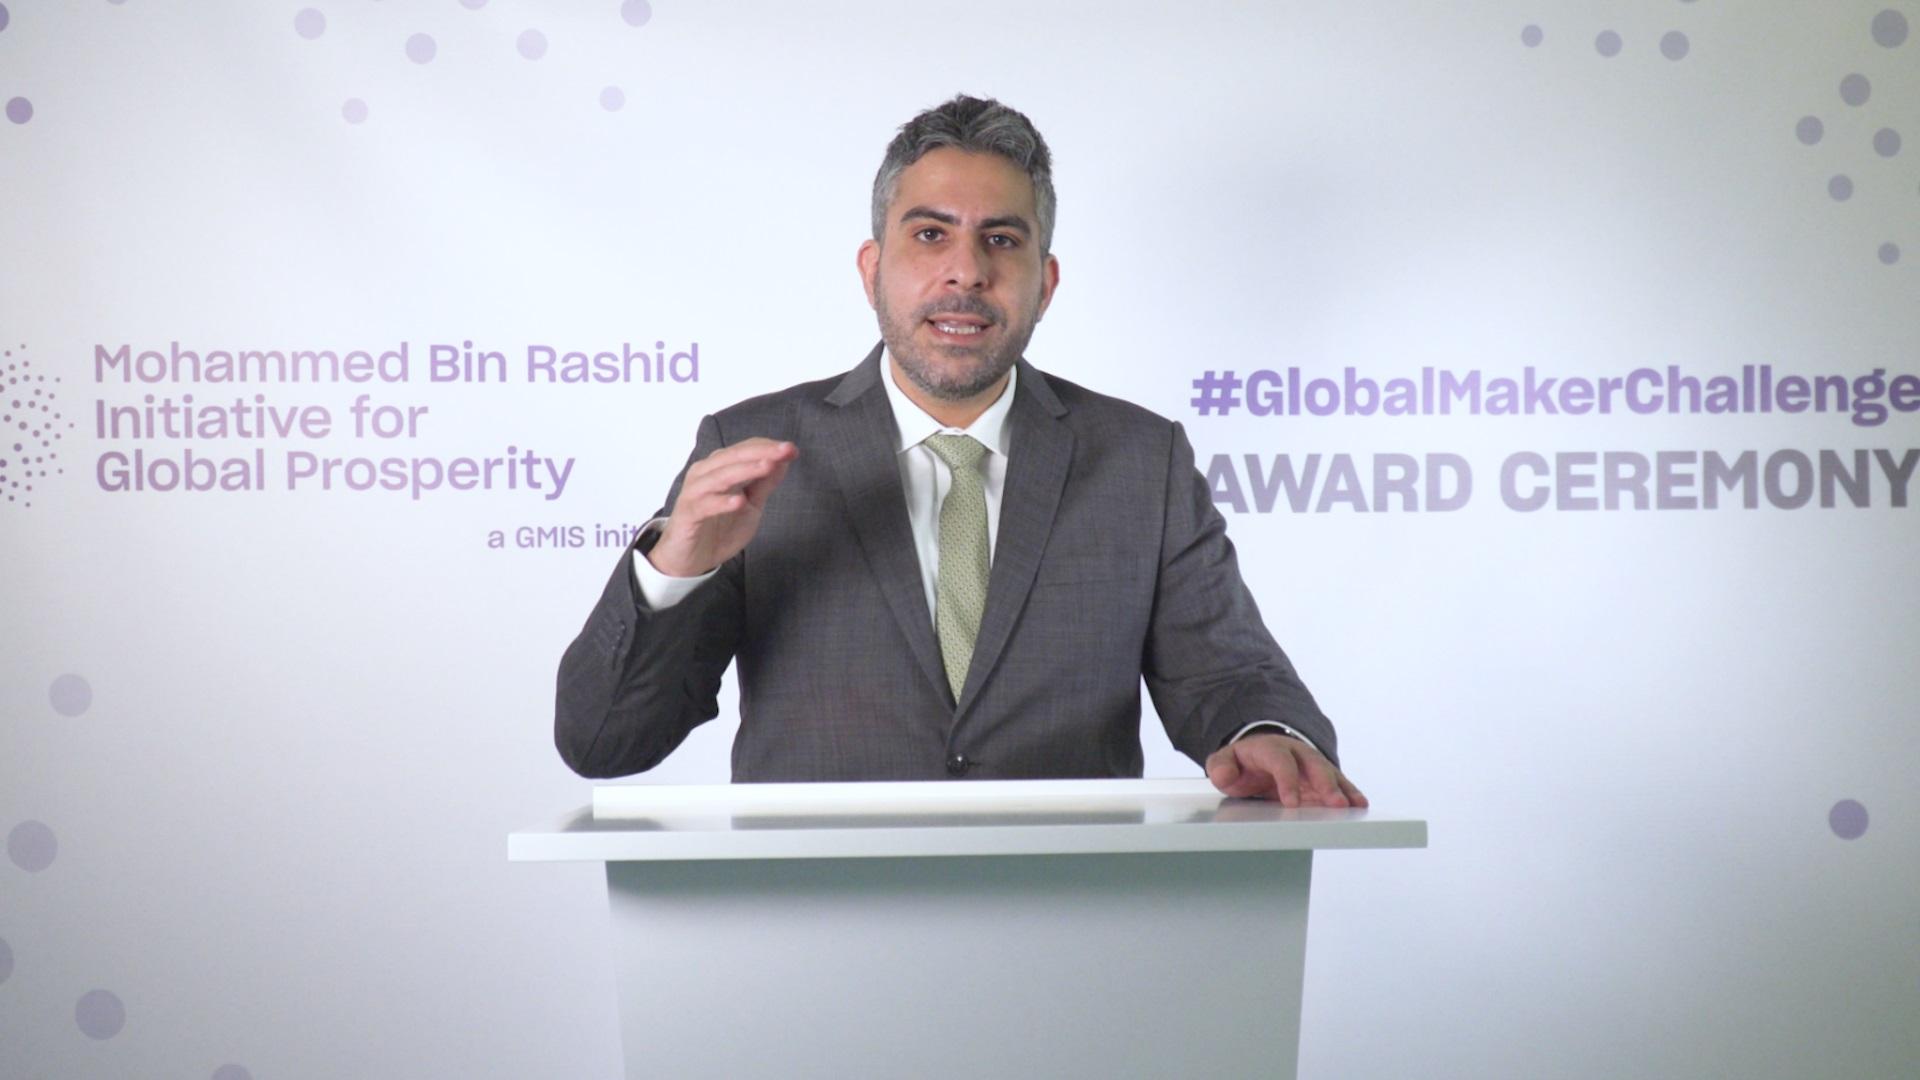 """مبادرة محمد بن راشد للازدهار العالمي تعلن أسماء الفائزين في """"تحدي المبتكرين الصناعيين"""""""